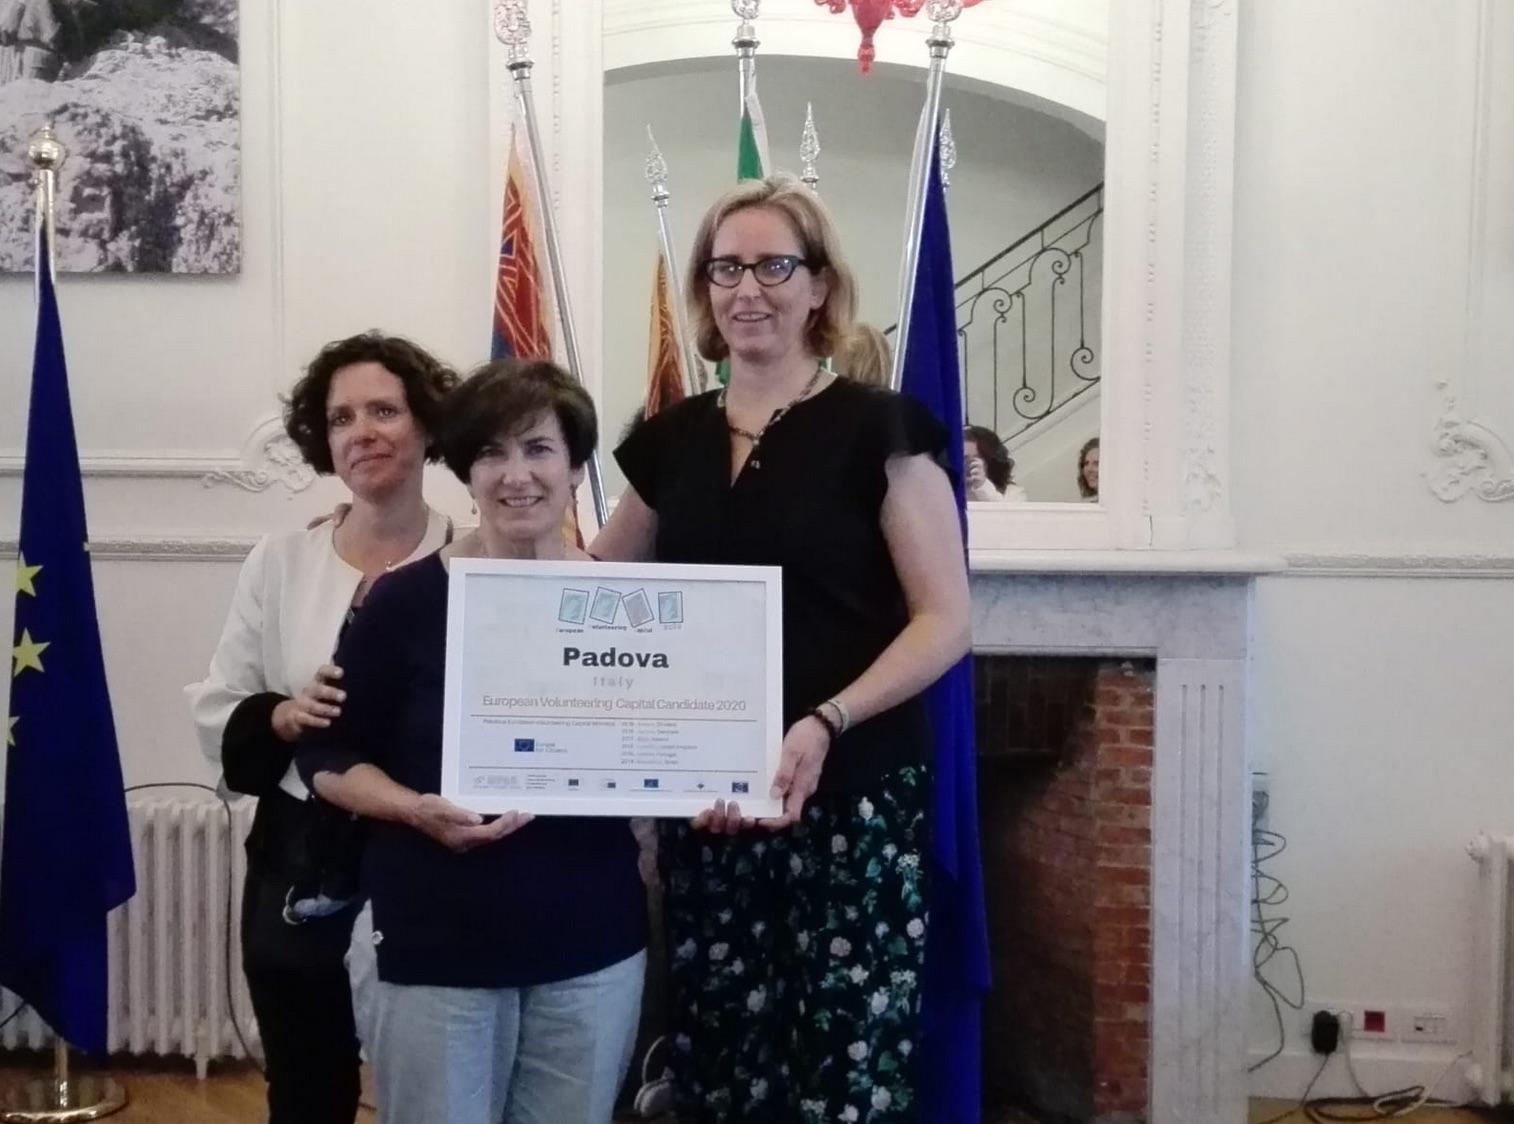 Assessore Cristina Piva candidatura di Padova a Capitale europea del volontariato 2020